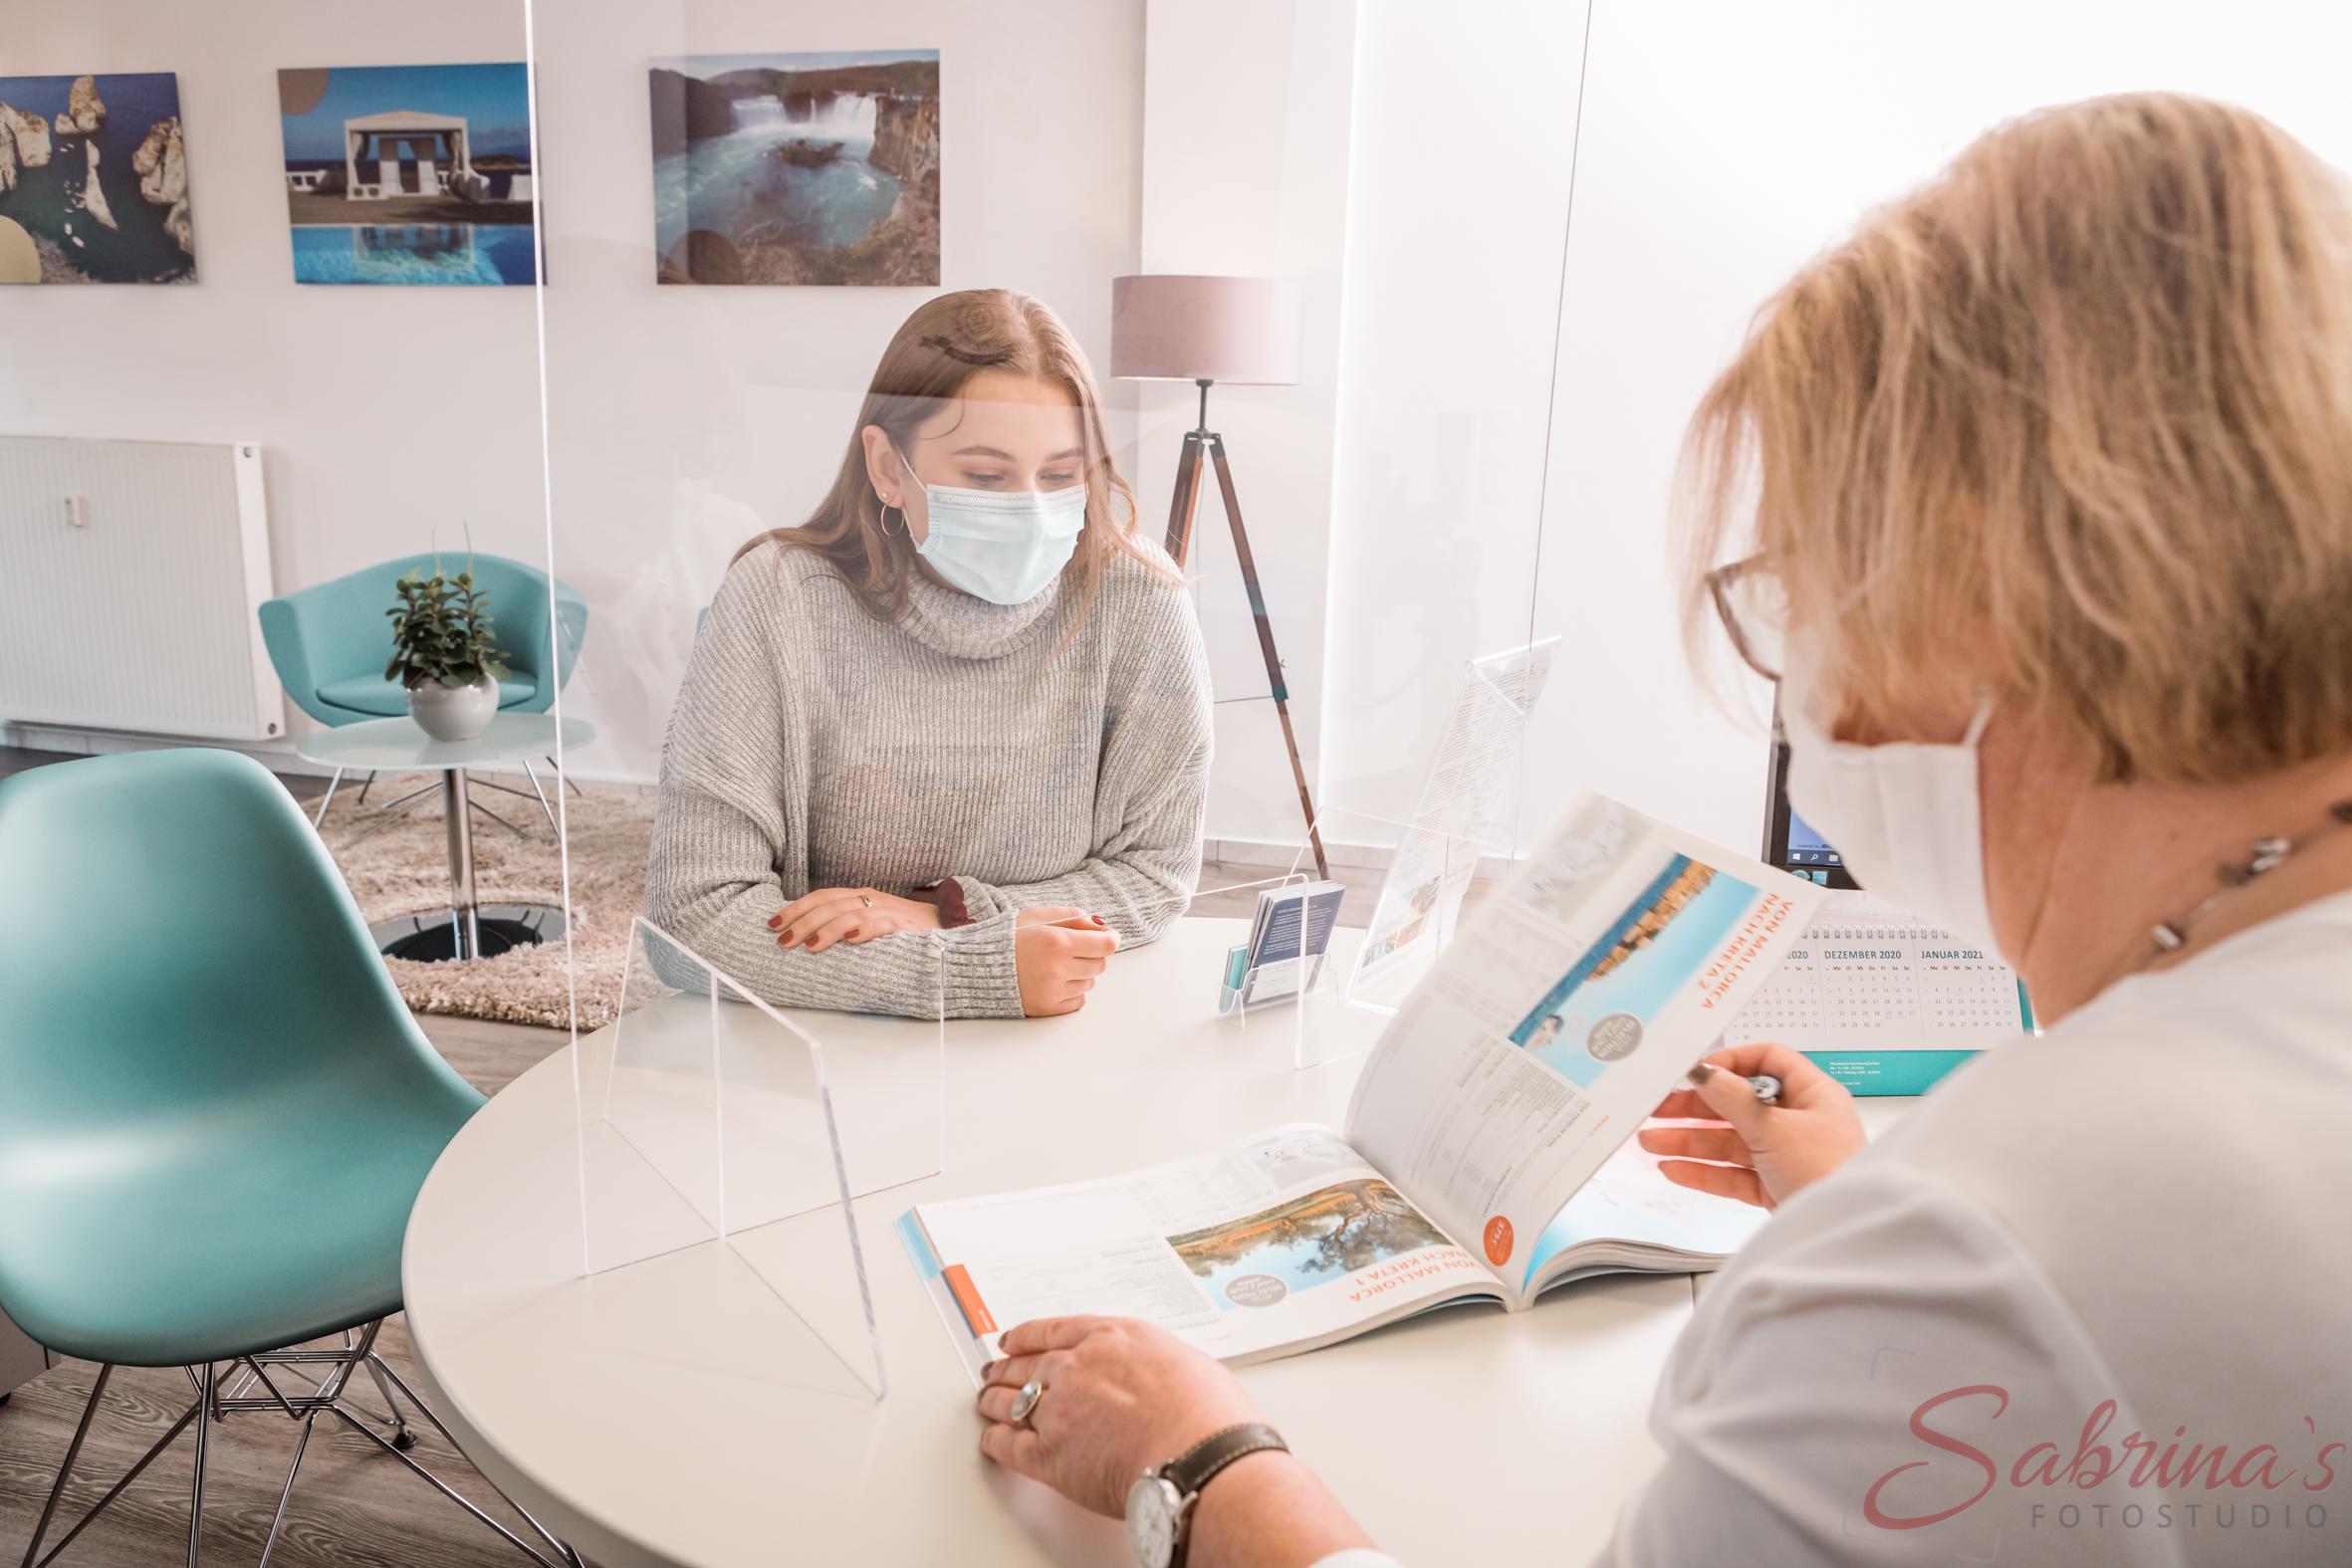 Beratung bei Time out Reisen - Sabrina's Fotostudio in Hamminkeln, zwischen Wesel und Bocholt am Niederrhein